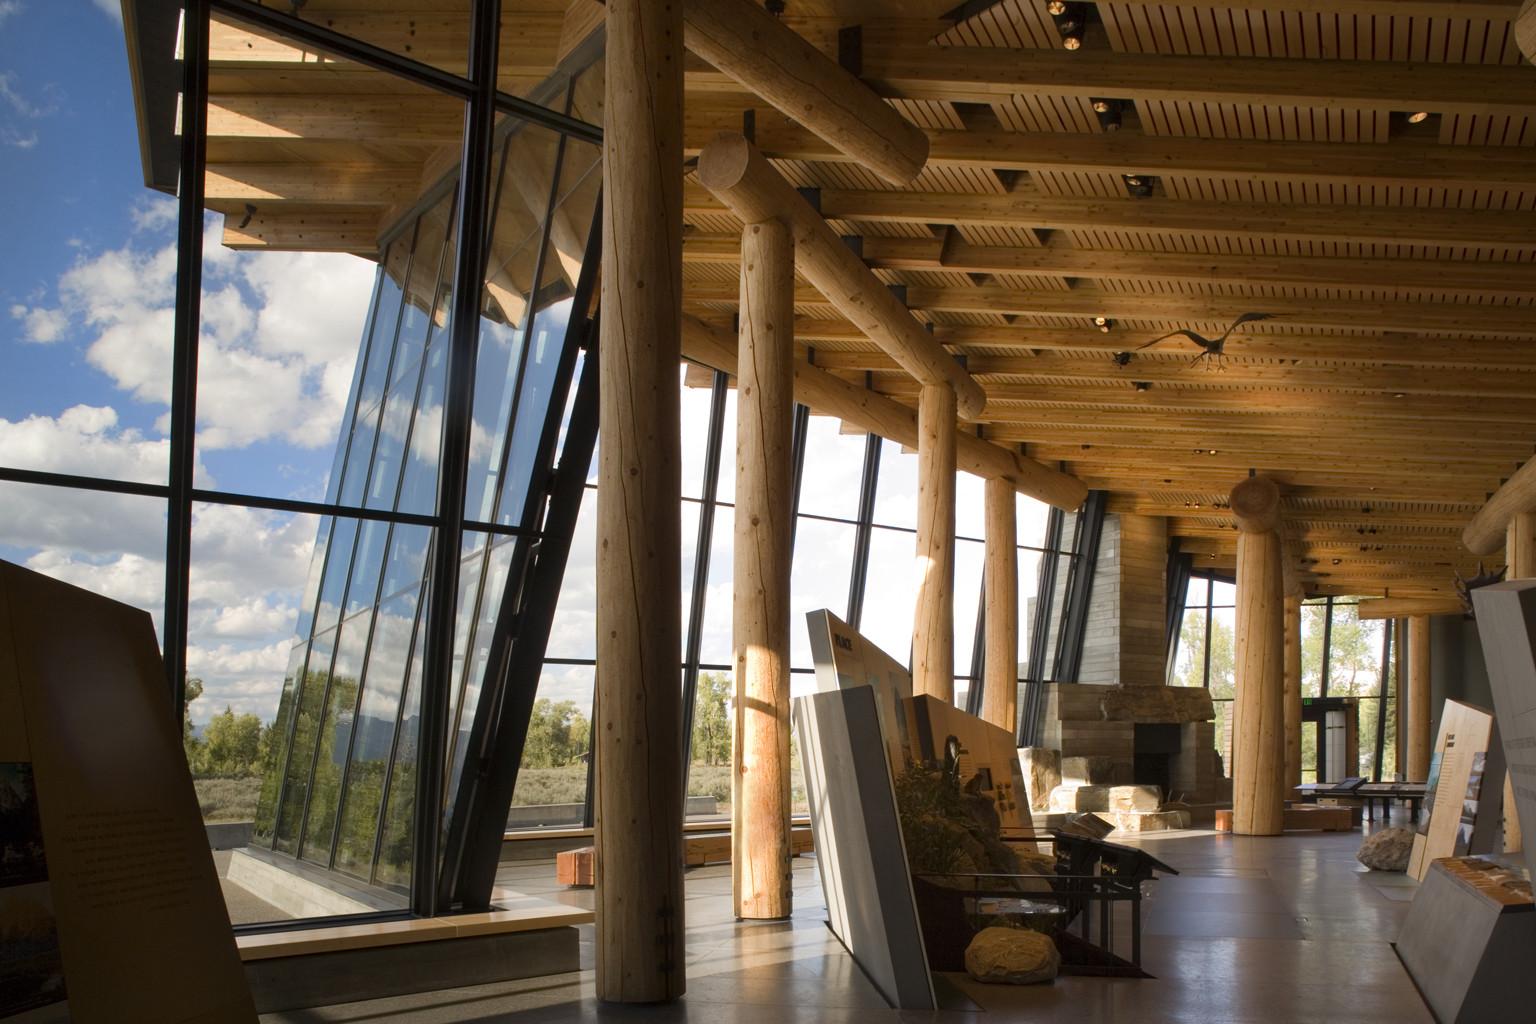 Grand Homes Design Center - Home Design Ideas